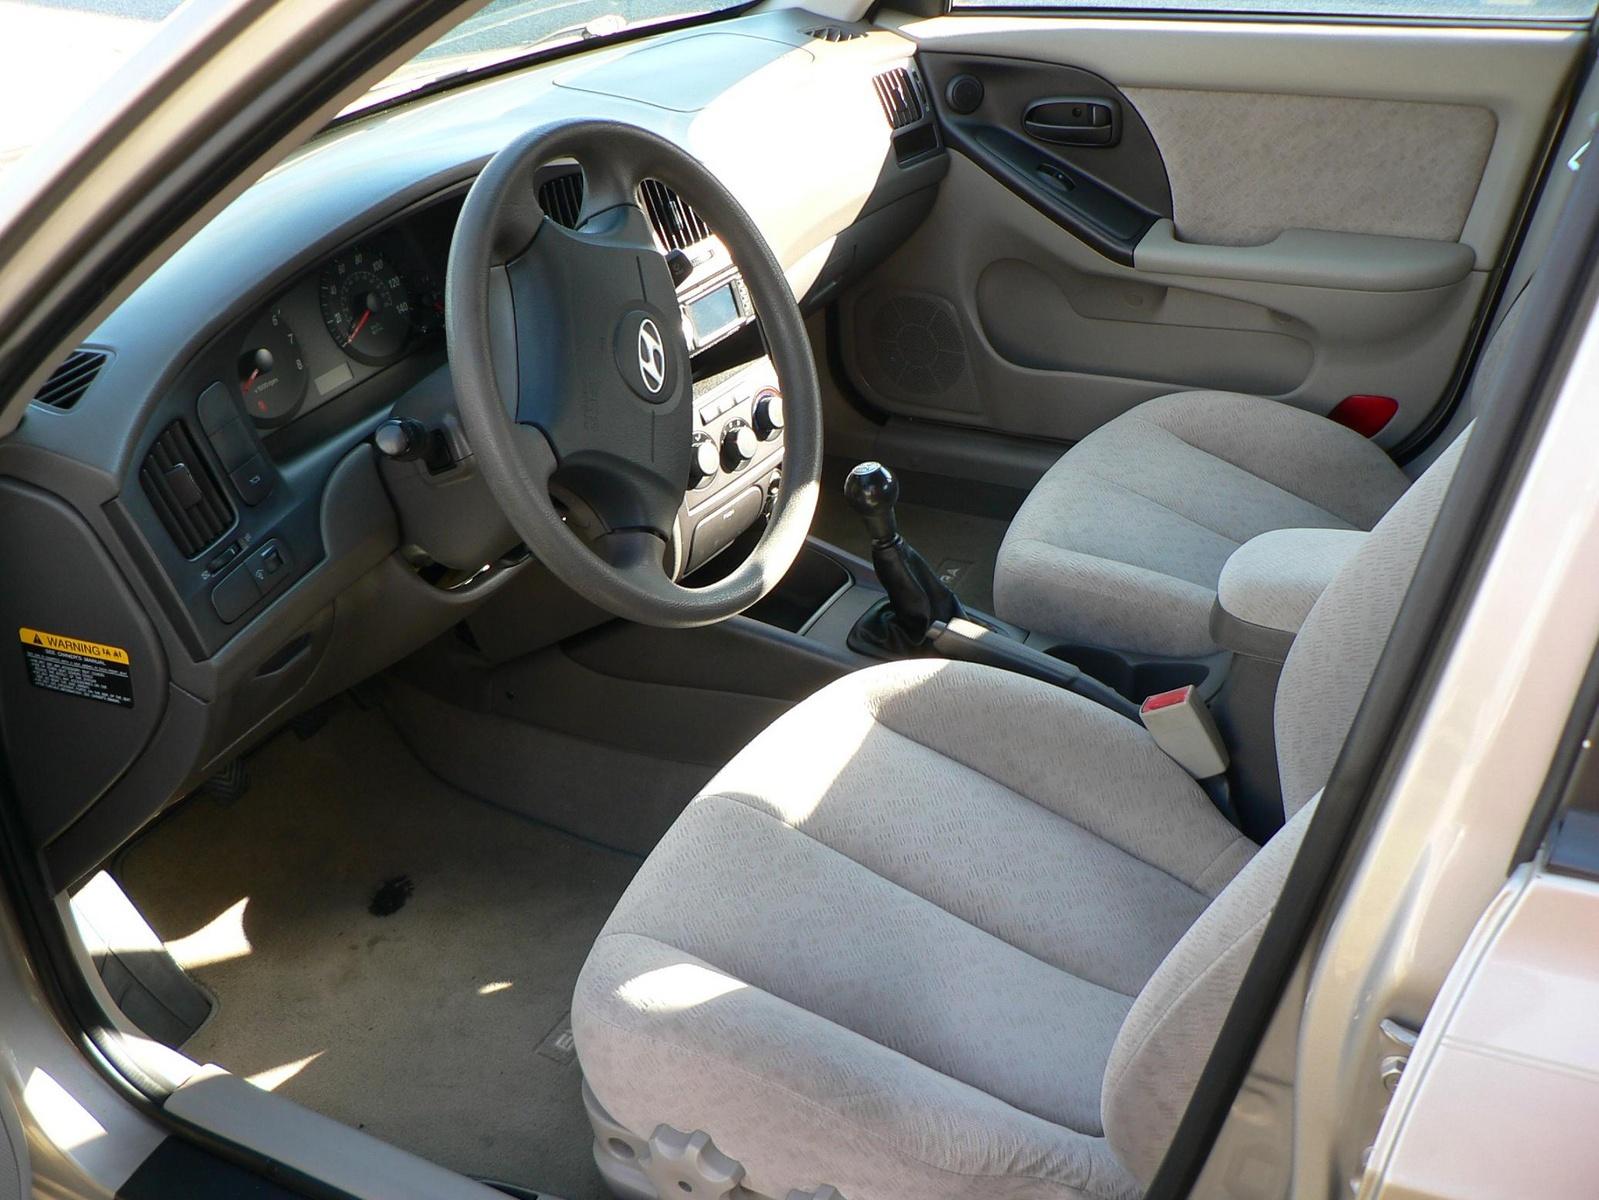 2006 Hyundai Elantra Interior Pictures Cargurus